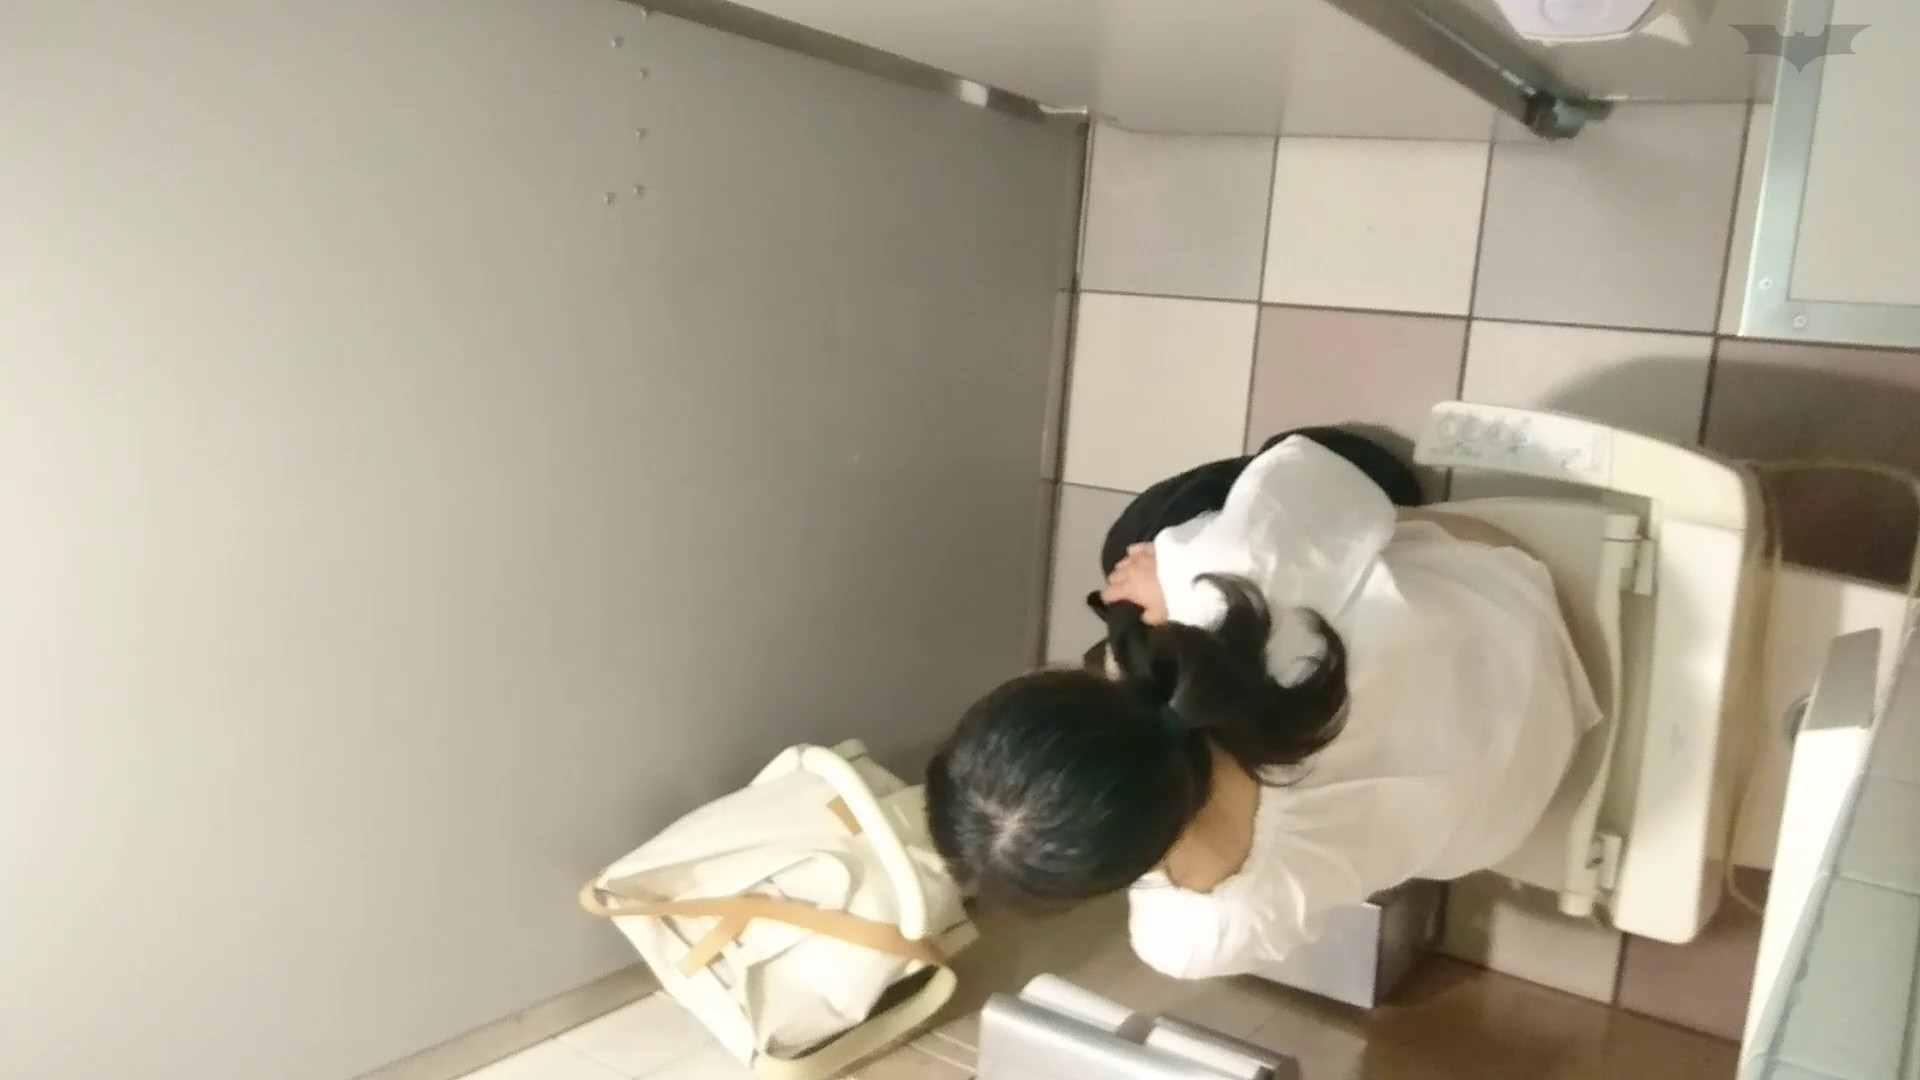 化粧室絵巻 ショッピングモール編 VOL.22 OL  95pic 2